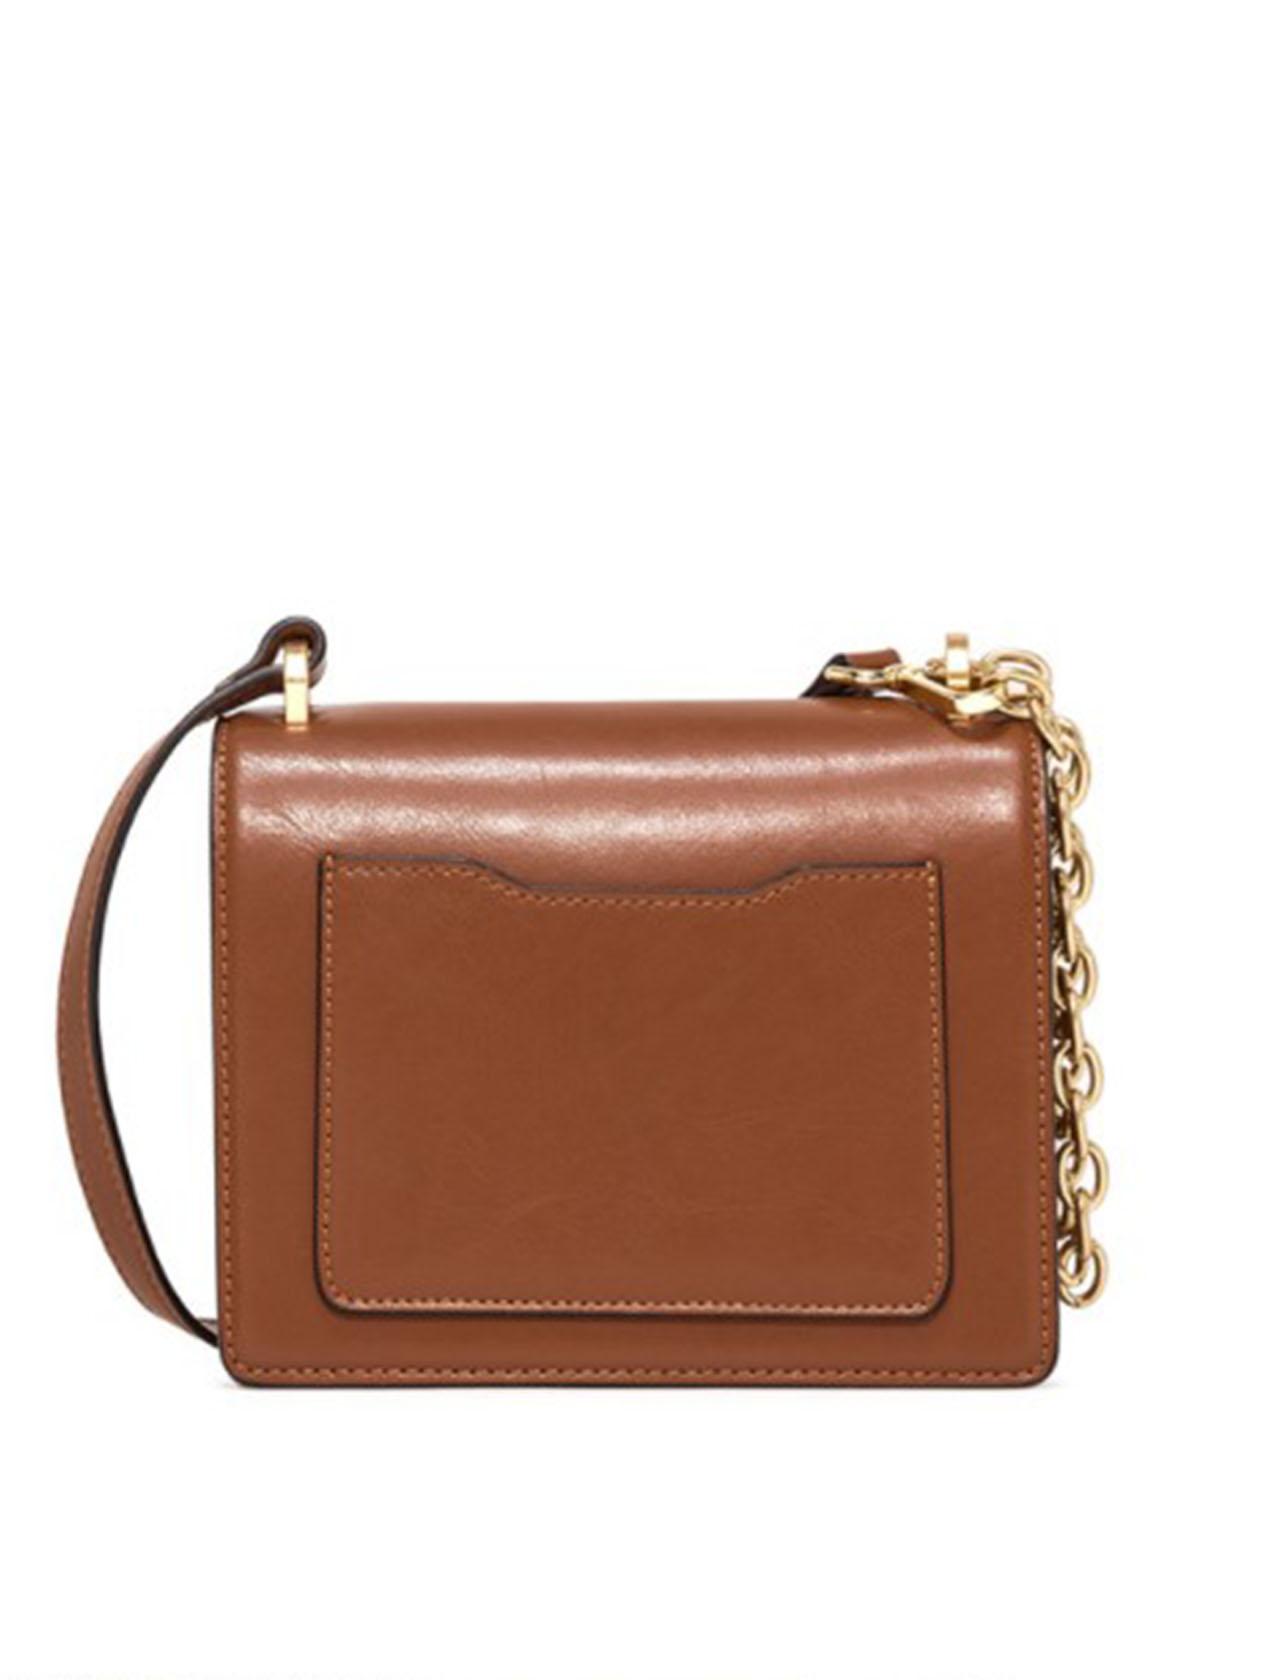 borsa donna tracolla teresa media in pelle marrone con tracolla in pelle e catena oro Gianni Chiarini | Borse e zaini | BS8160MARRONE